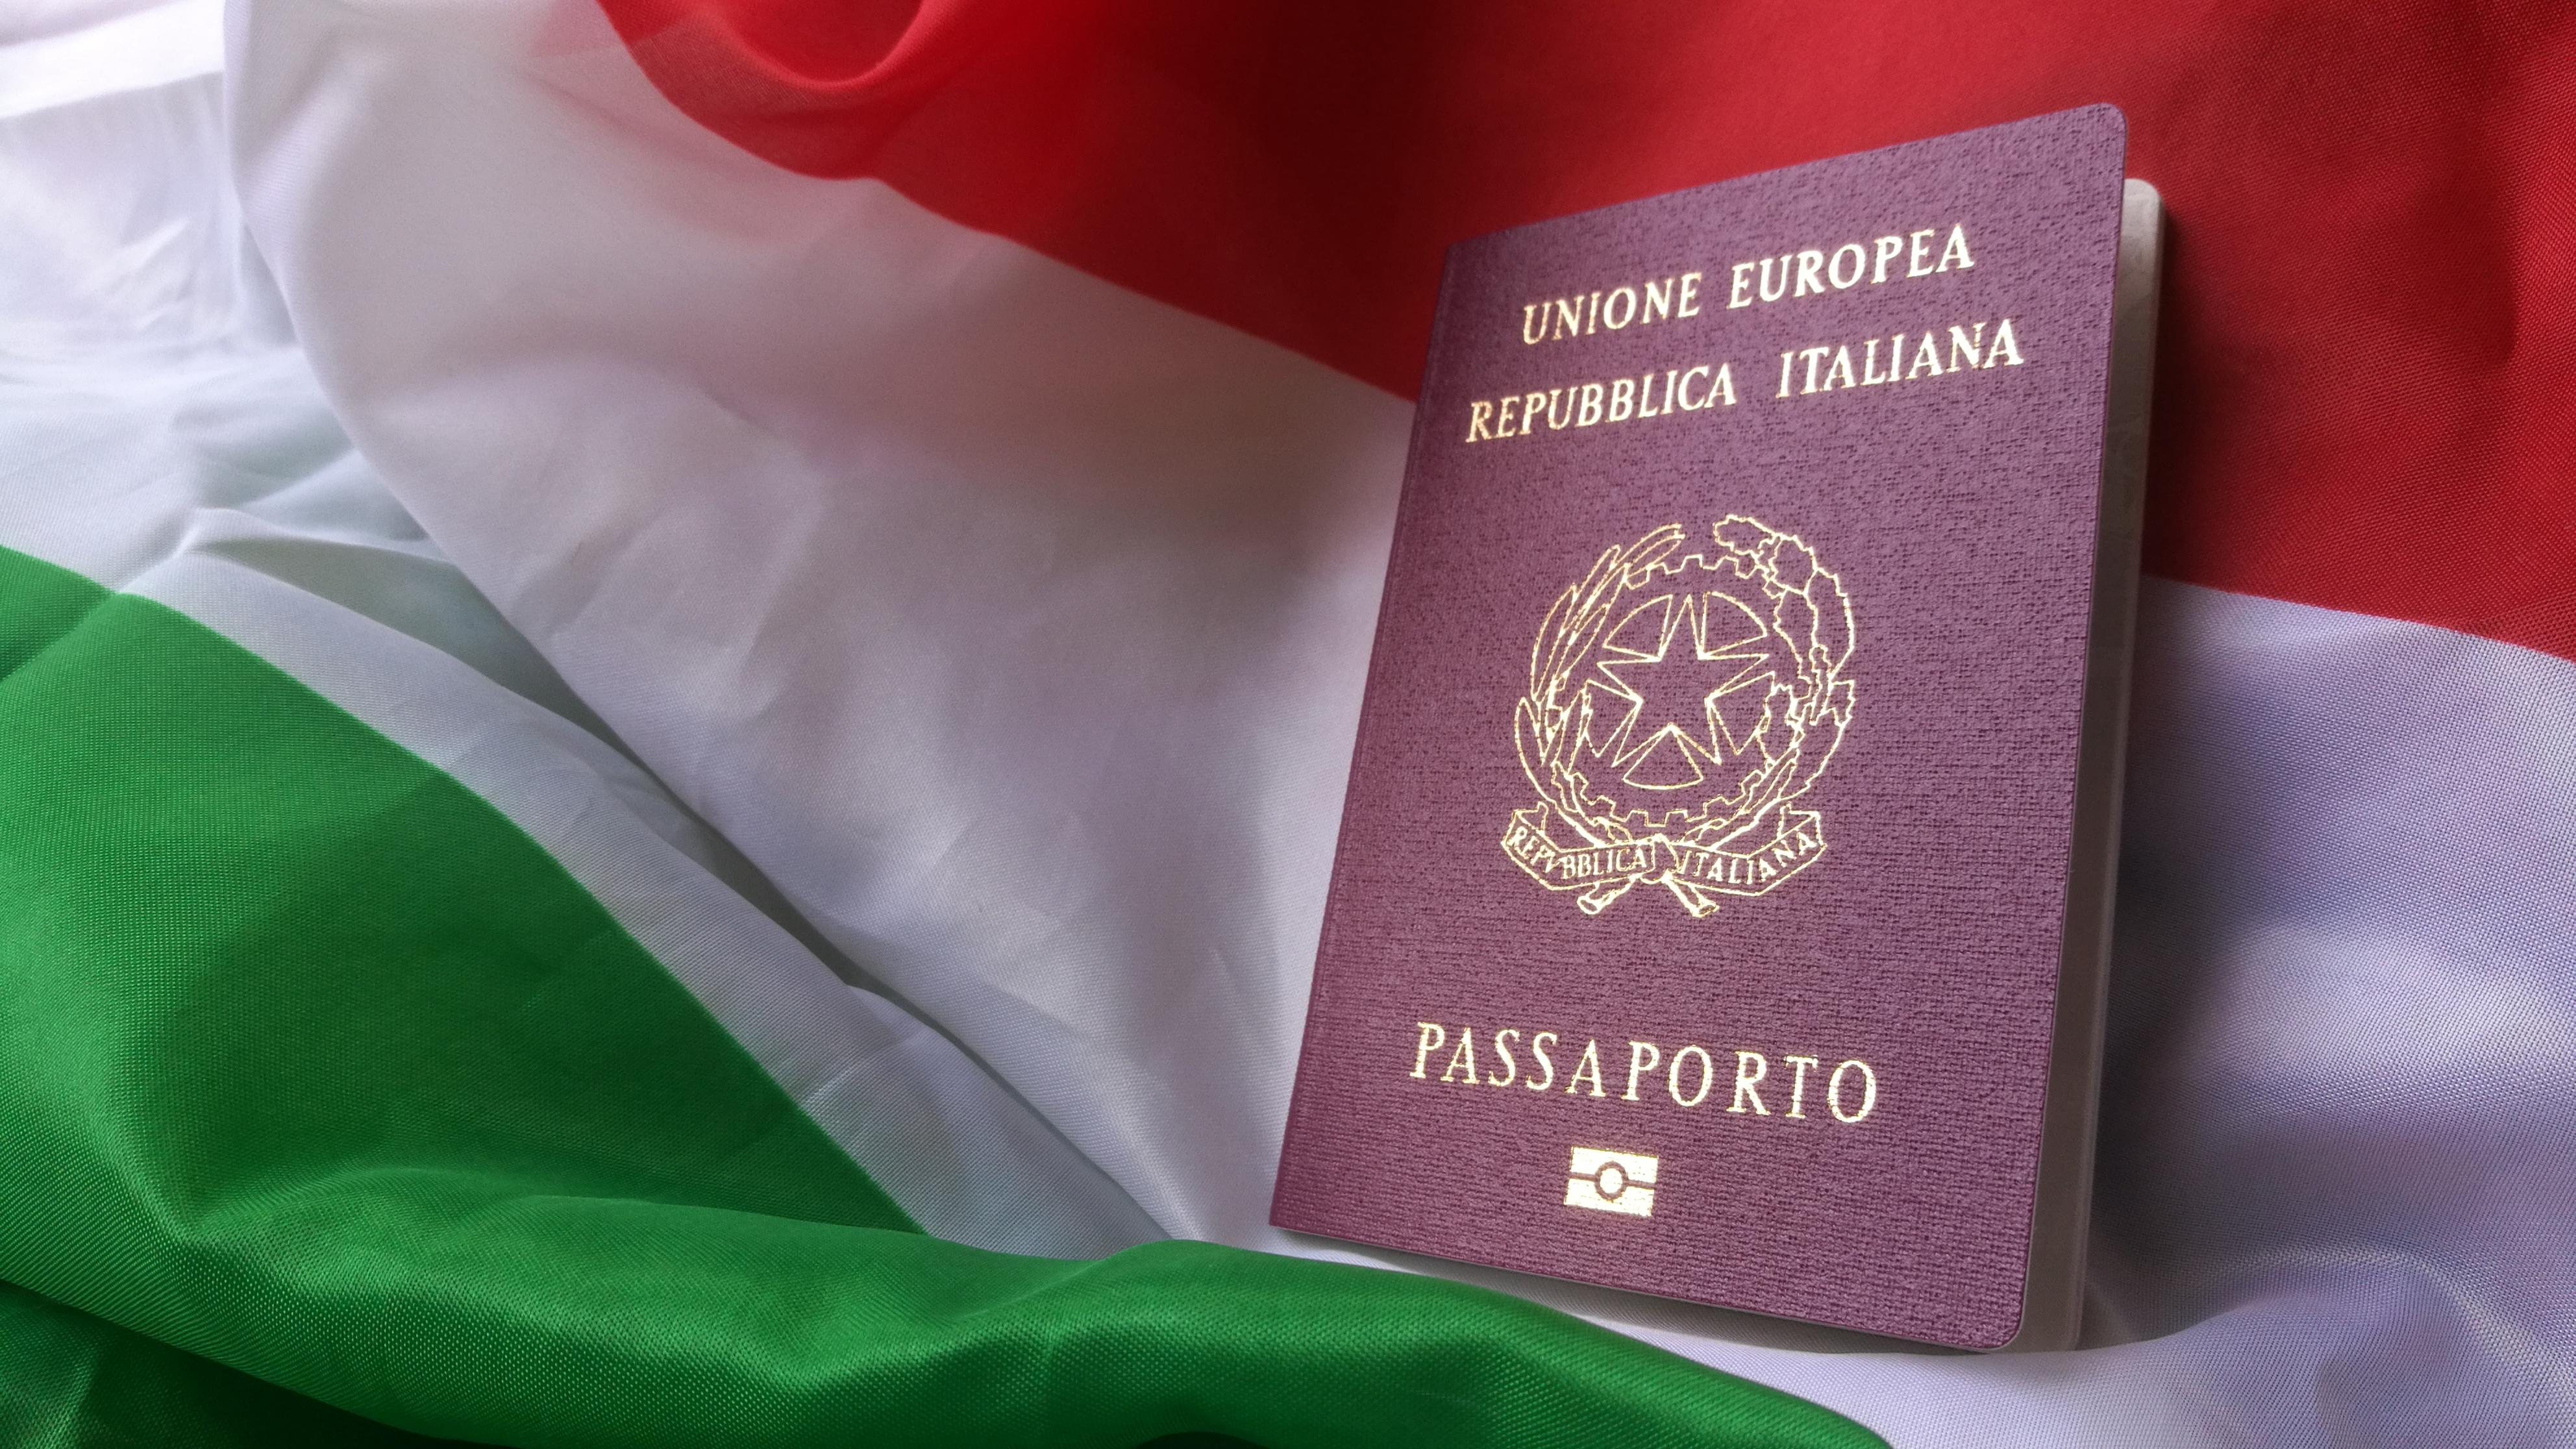 Оформление паспорта Италии для получения итальянского гражданства